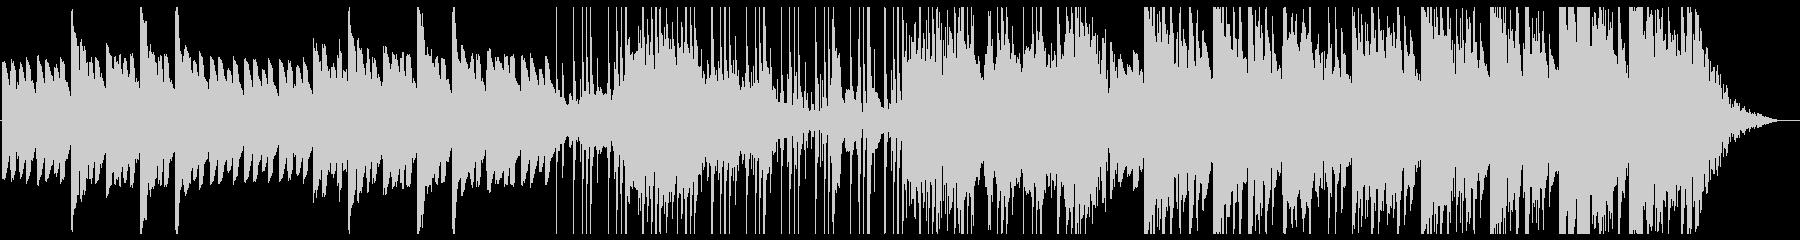 この抽象的なエレクトロニカアンダー...の未再生の波形